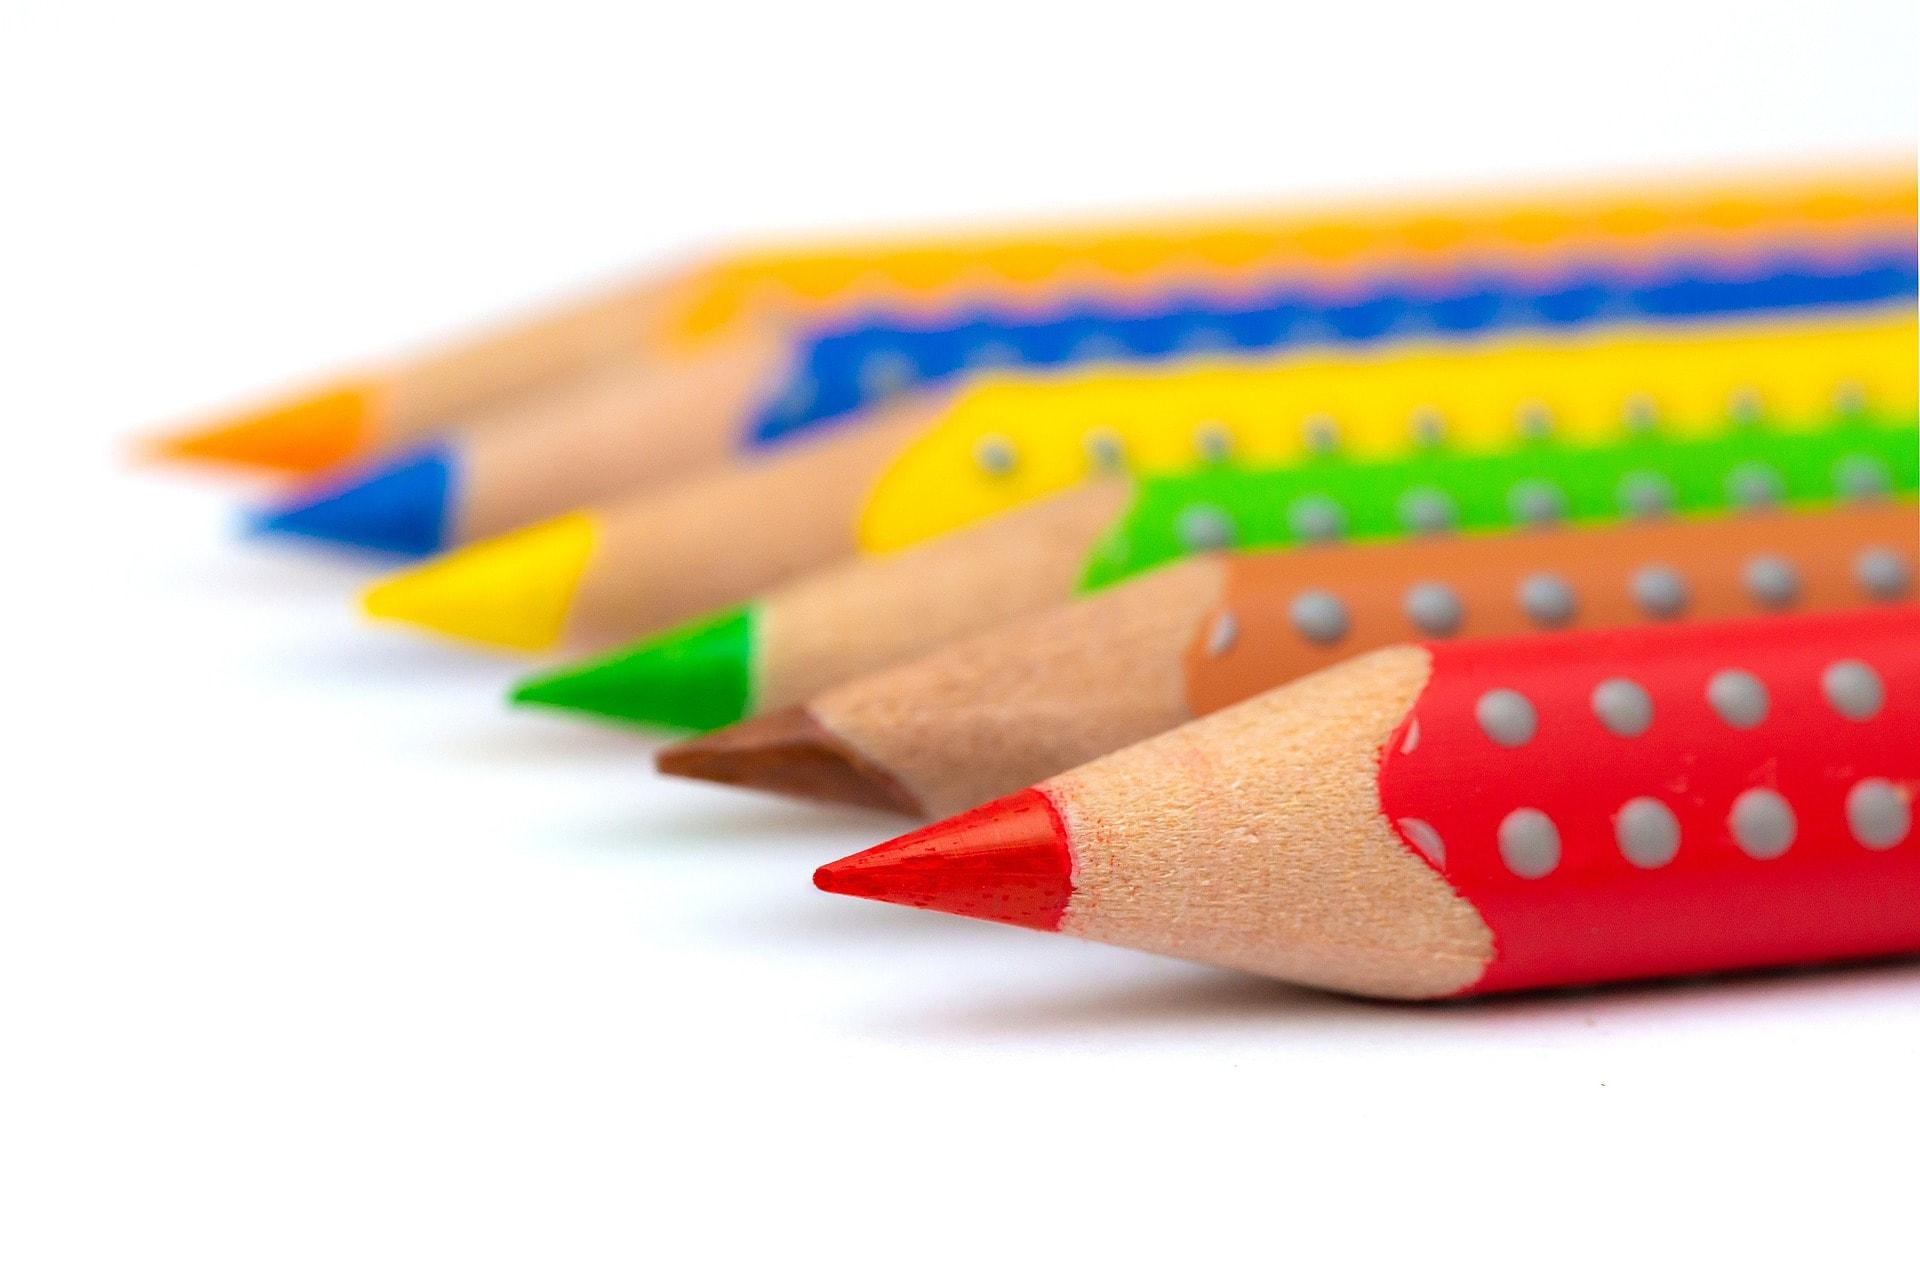 Quelle est la différence entre graphologie, graphopédagogie et graphothérapie ?